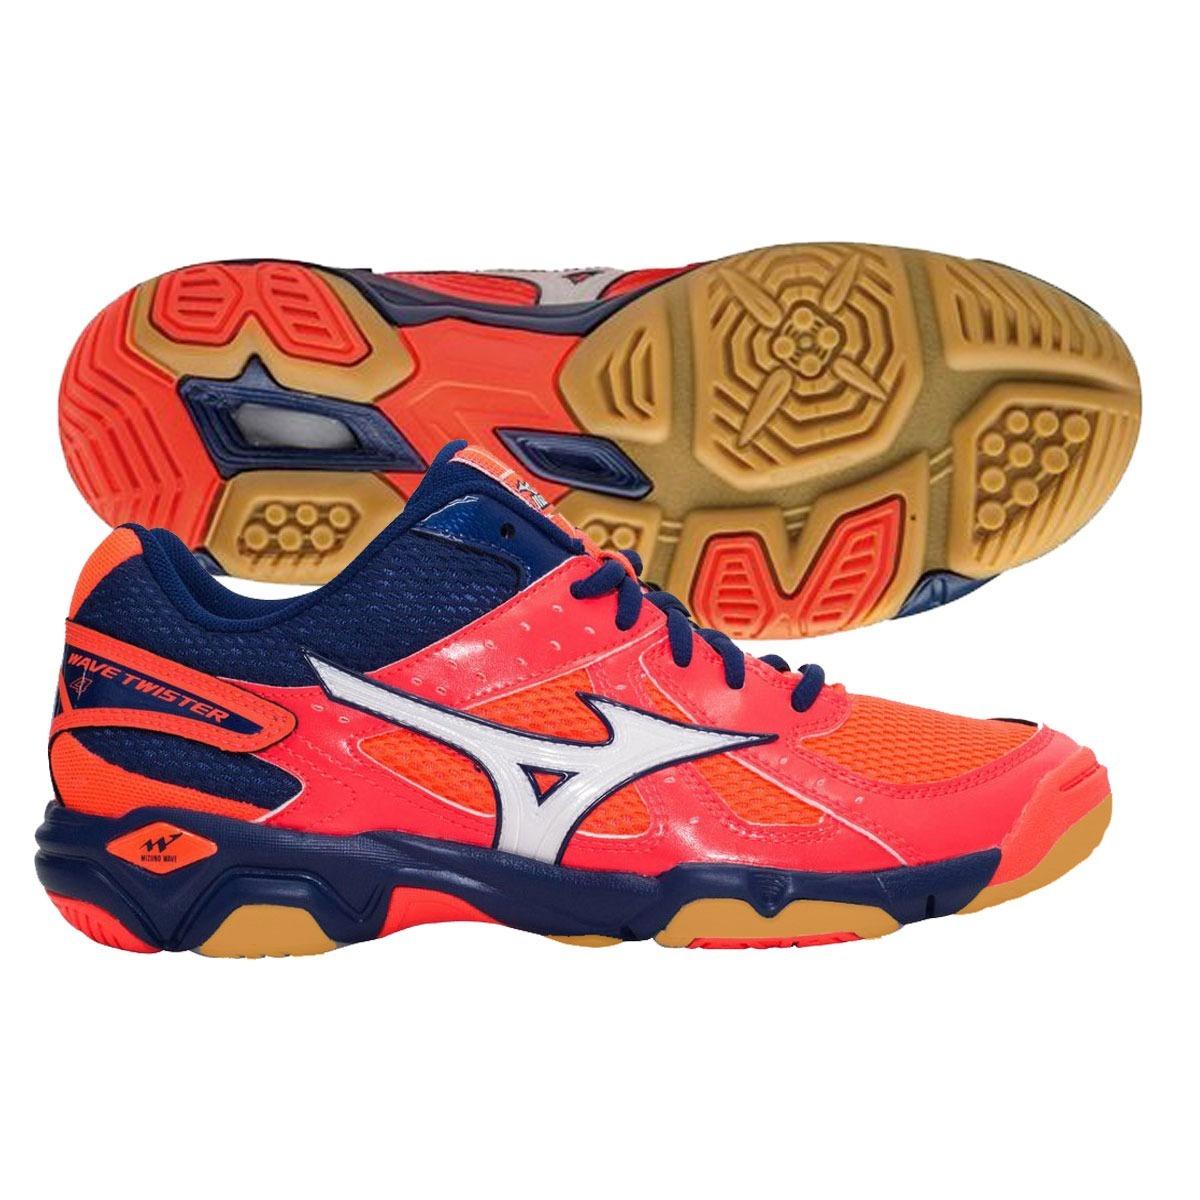 low priced 28a59 14dec zapatillas mizuno wave twister 4 indoor volley handball. Cargando zoom.